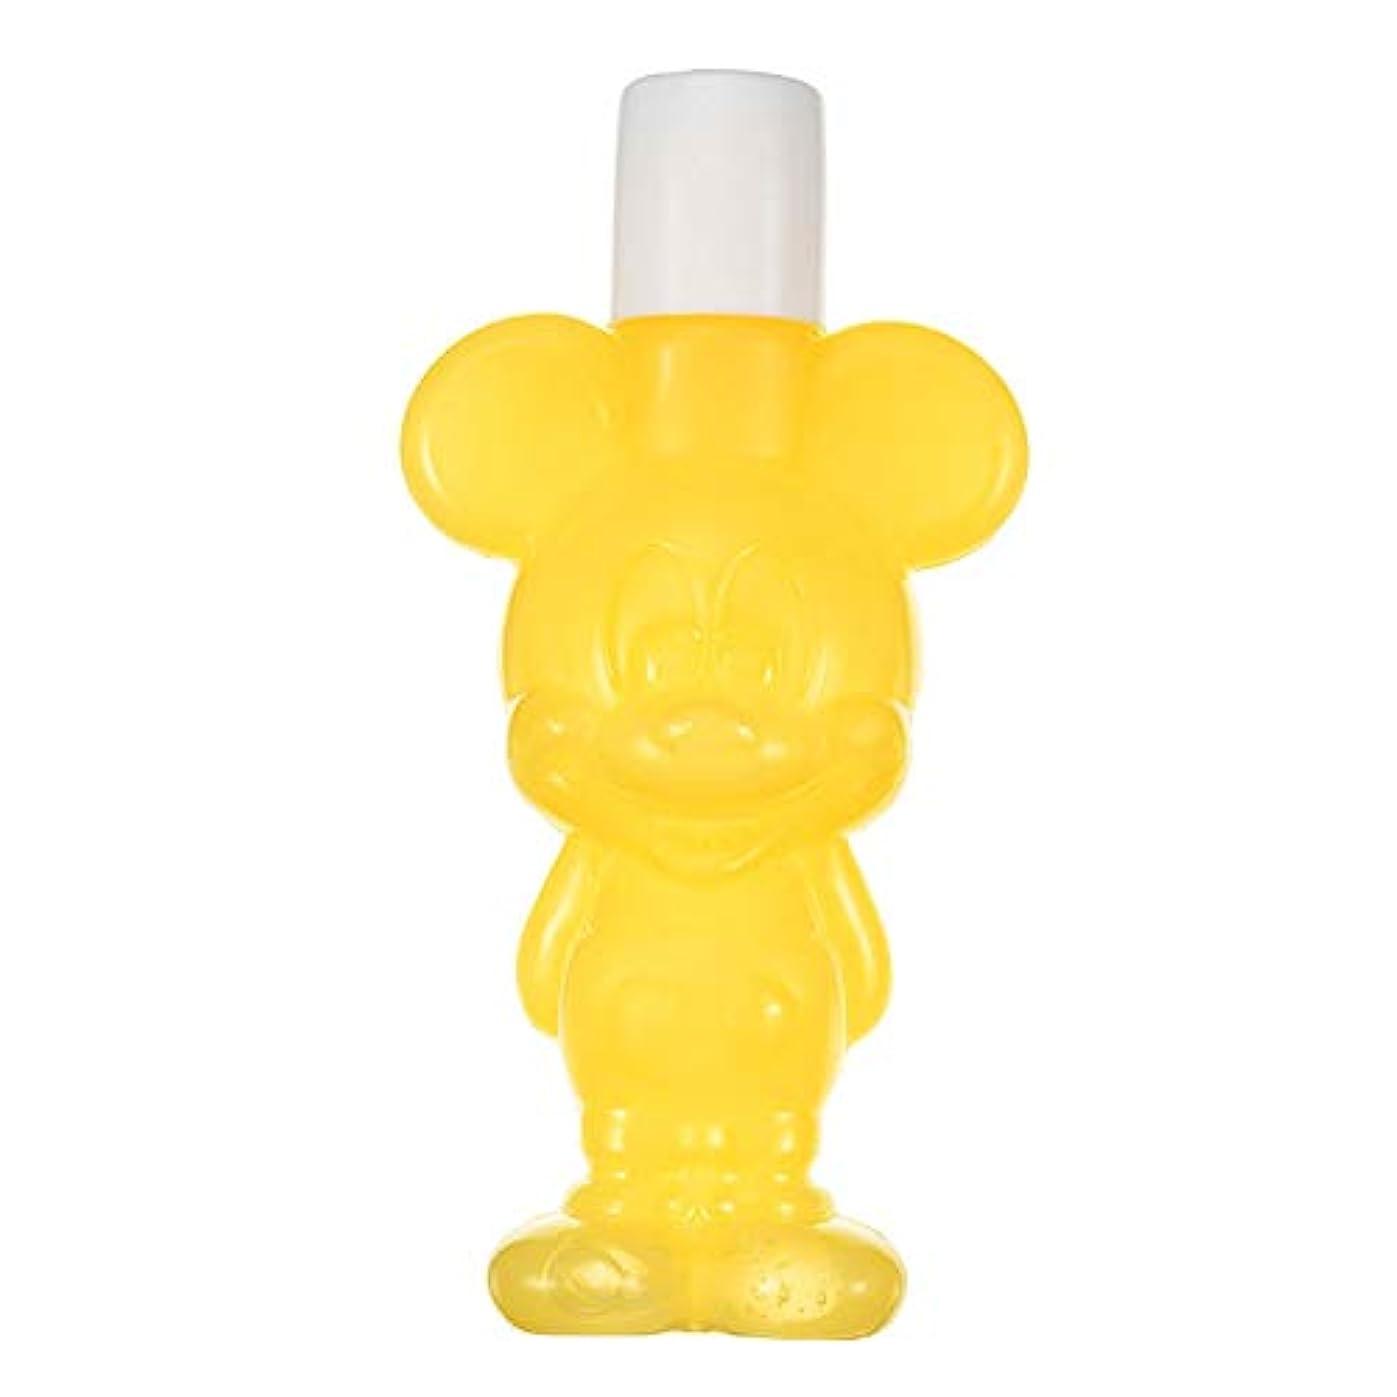 シーケンス官僚テーブルを設定するディズニーストア(公式)保湿ジェル ミッキー イエロー Gummy Candy Cosme